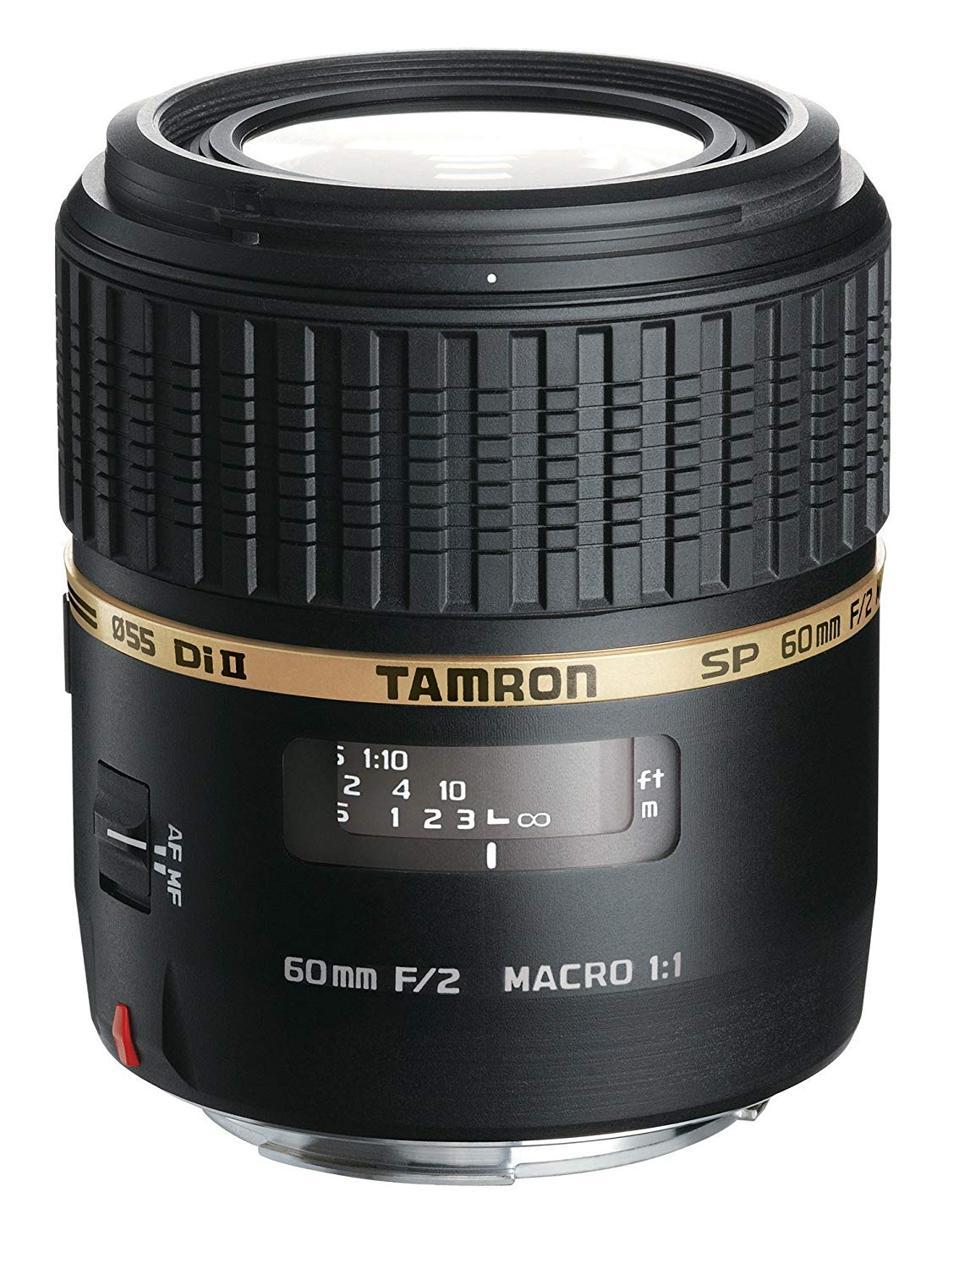 Tamron G0005 60mm f/2 macro lens